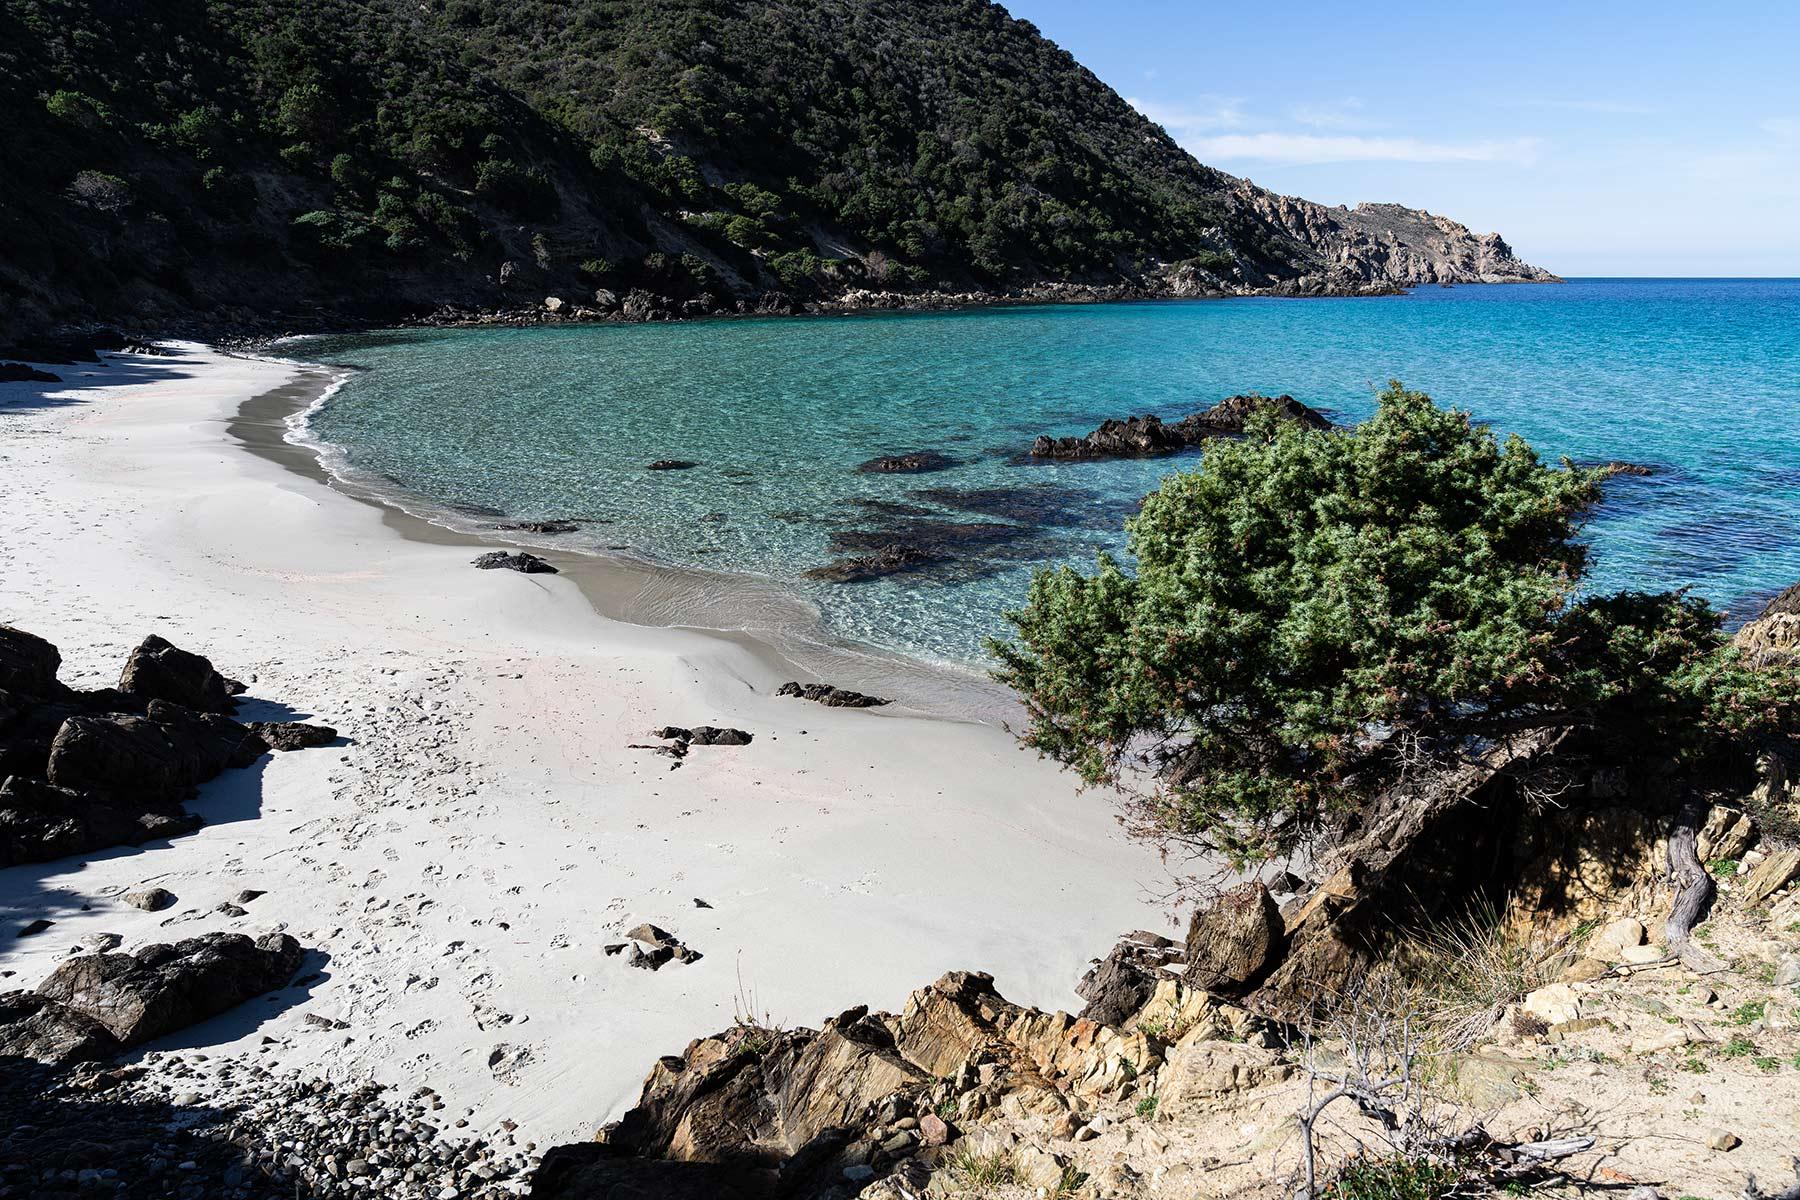 Des plages magnifiques pendant une randonnée dans le désert des Agriates, en Corse